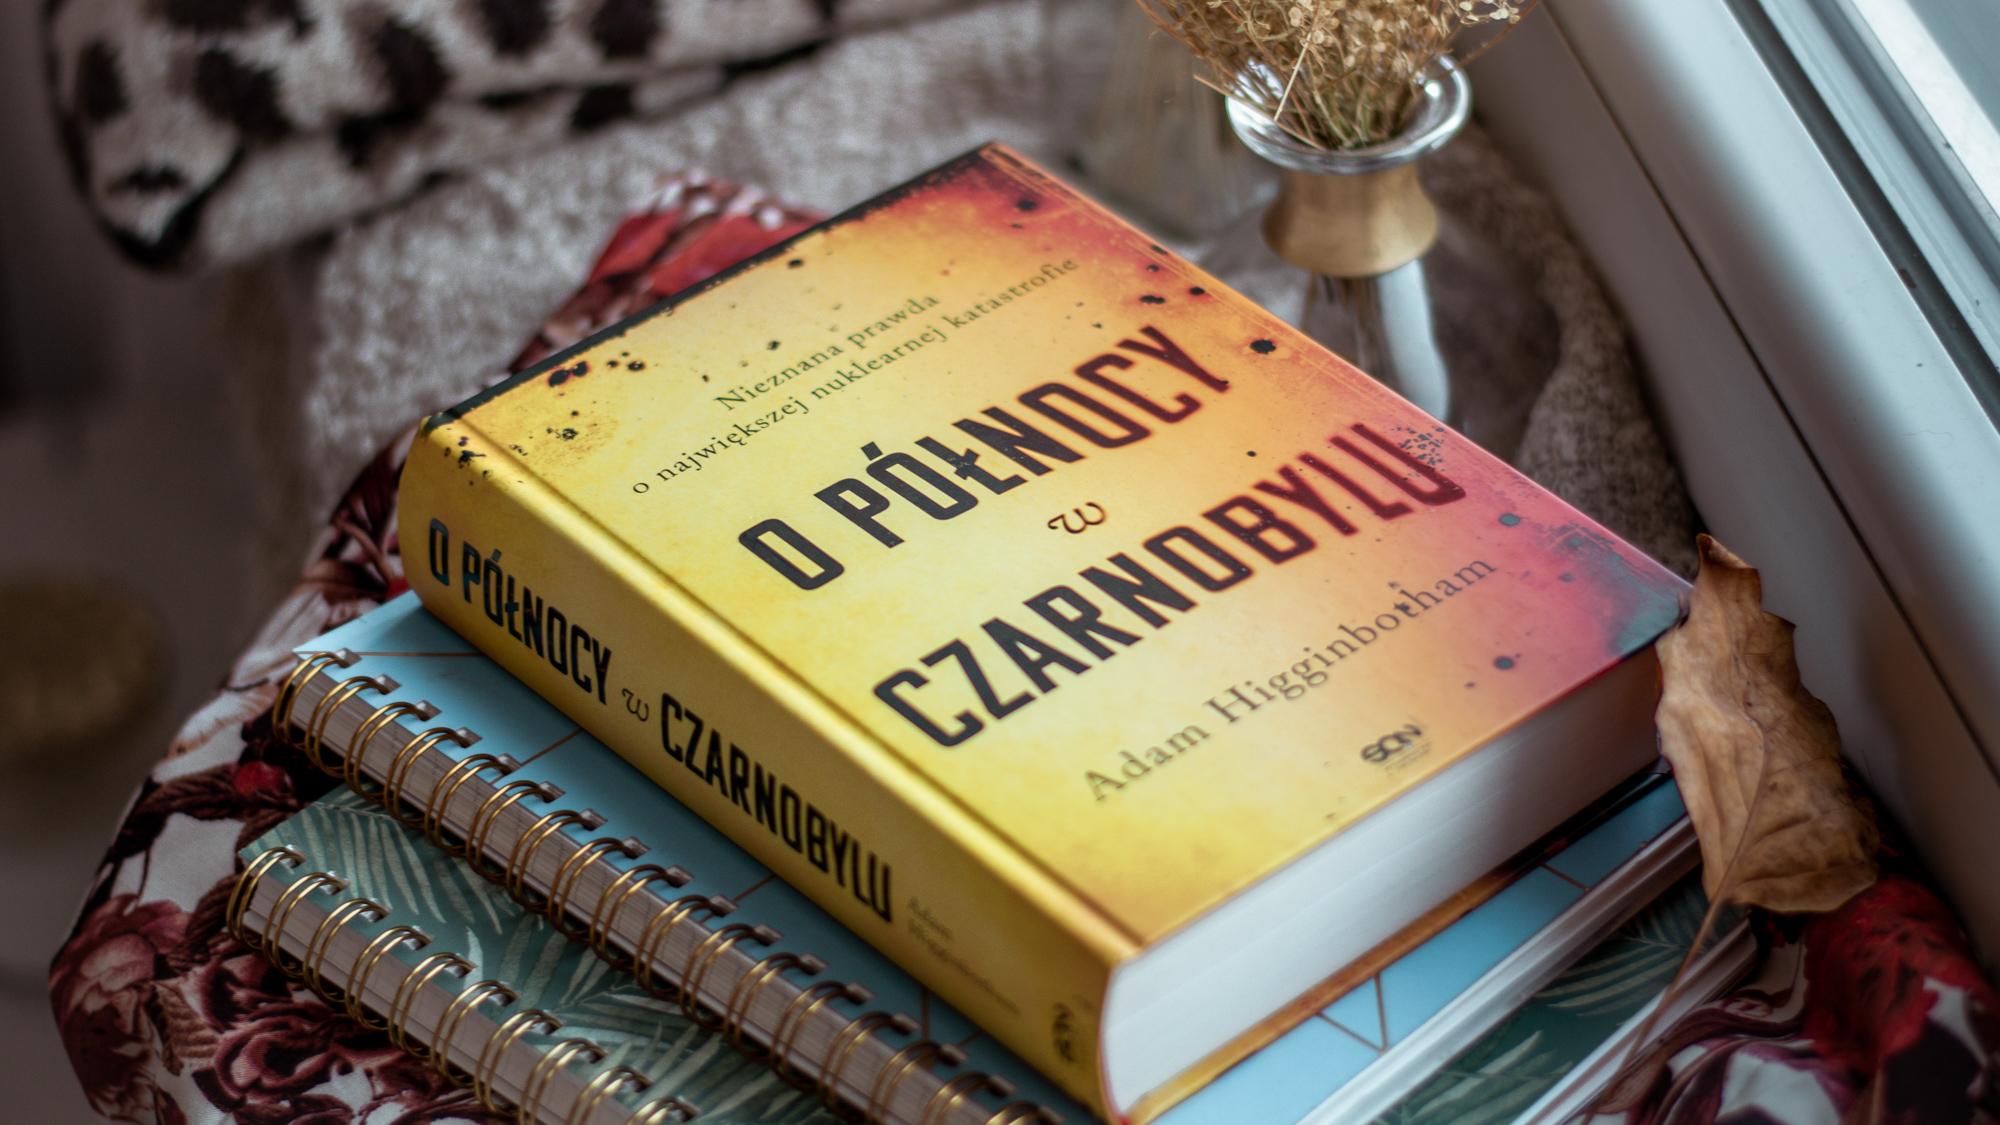 O północy w Czarnobylu – Adam Higginbotham